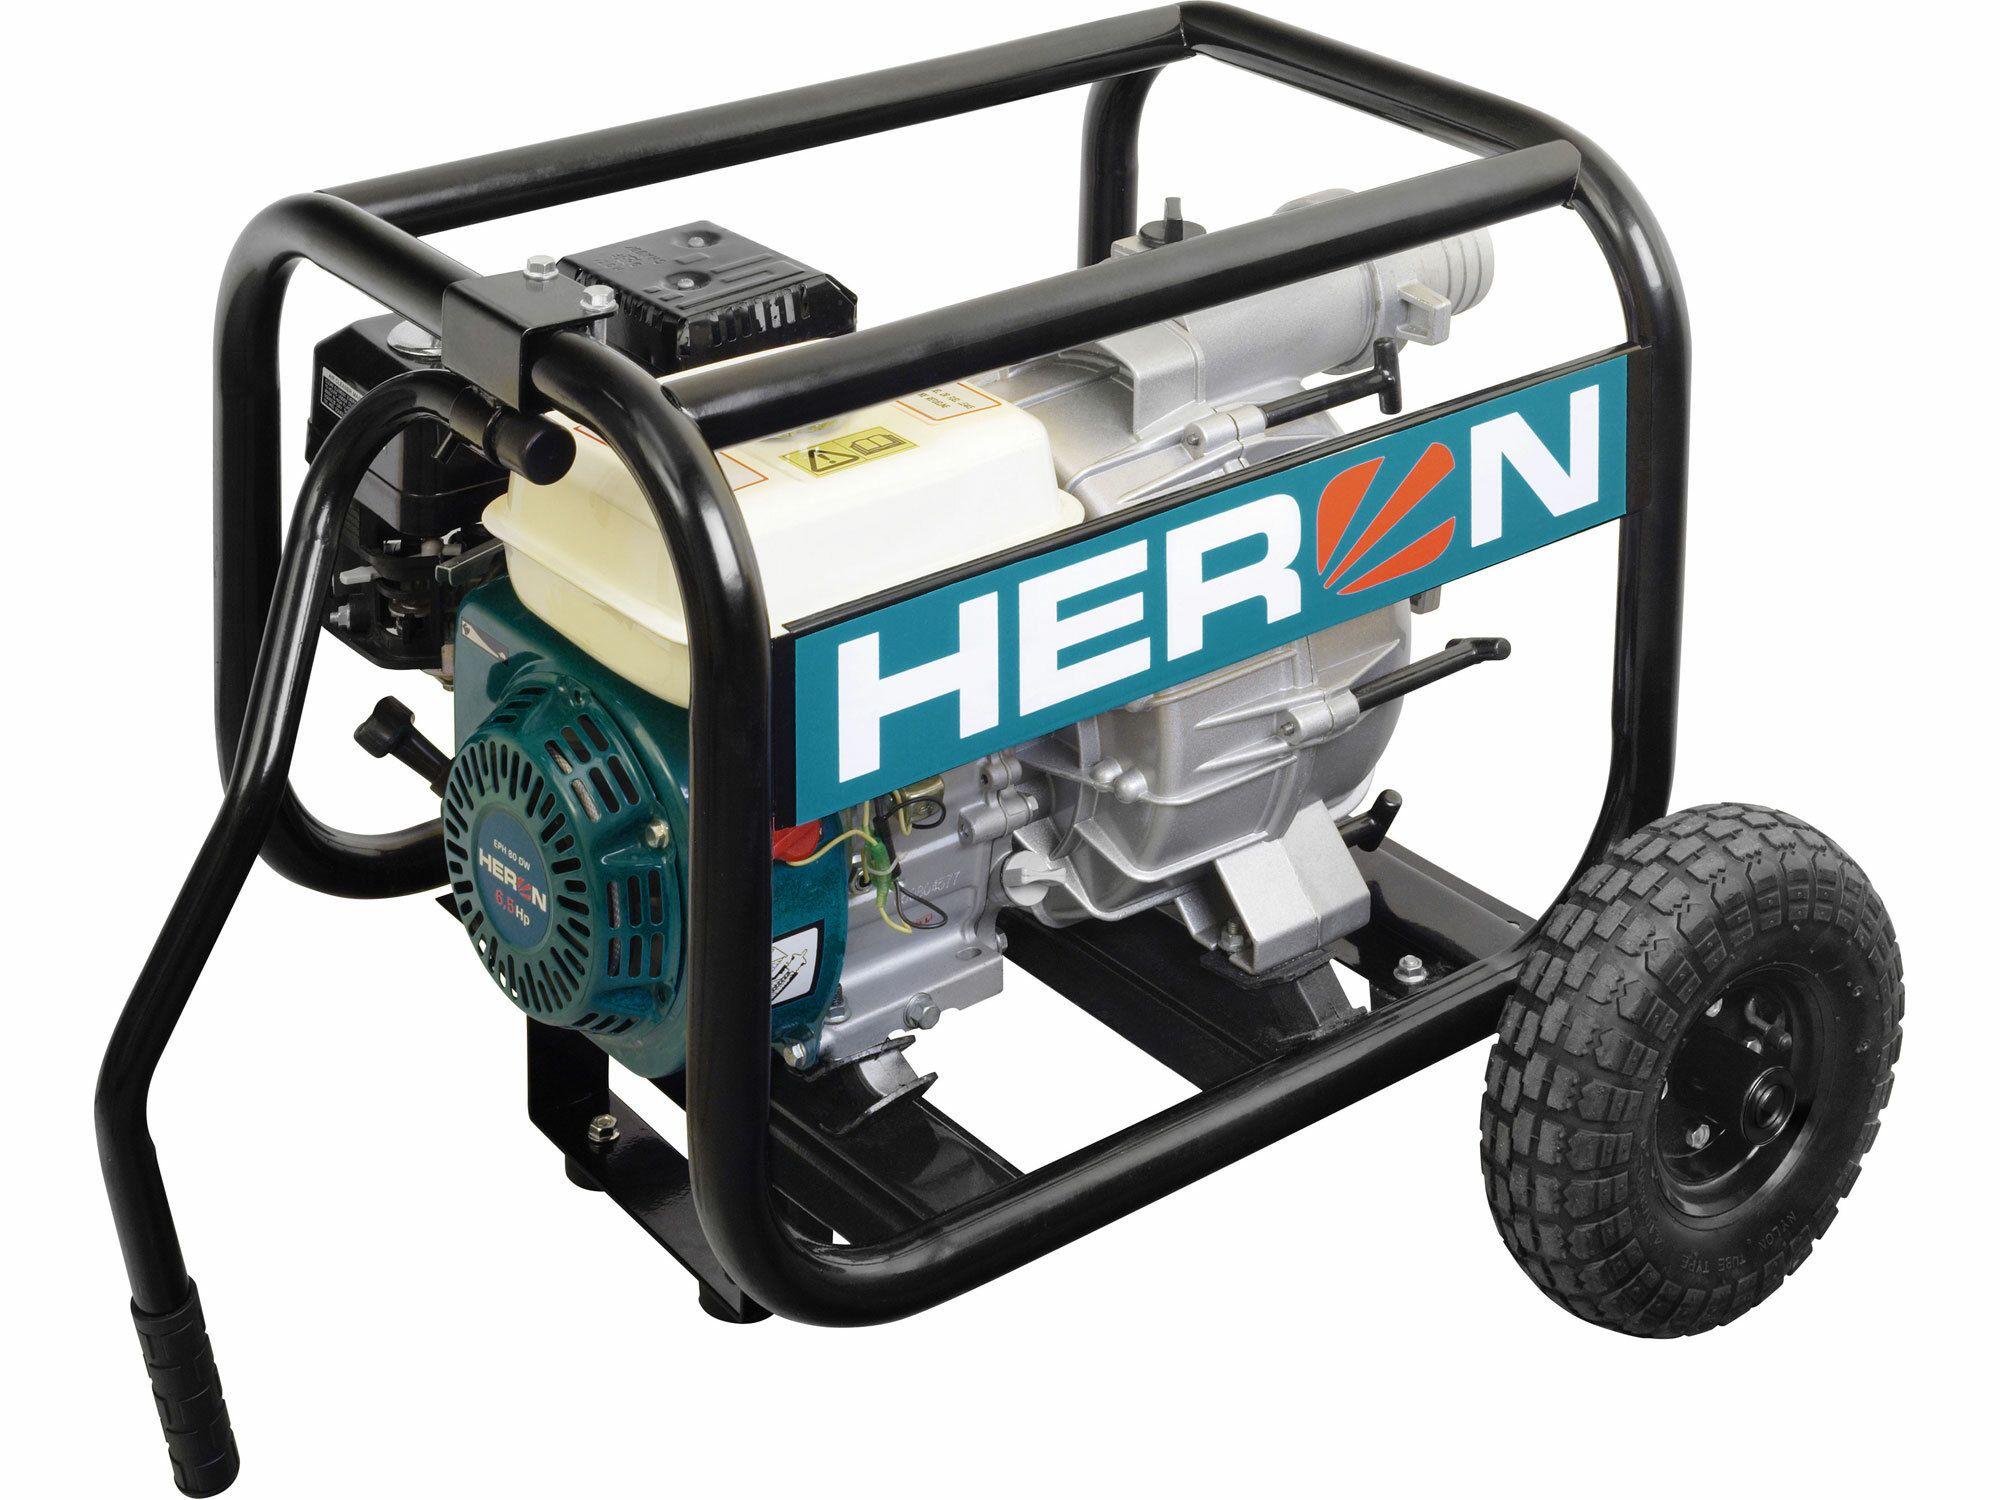 """Čerpadlo motorové kalové 6,5HP, 3""""/3"""" (76mm), 1300l/min = 78m3/hod, HERON, záruka 3 roky"""